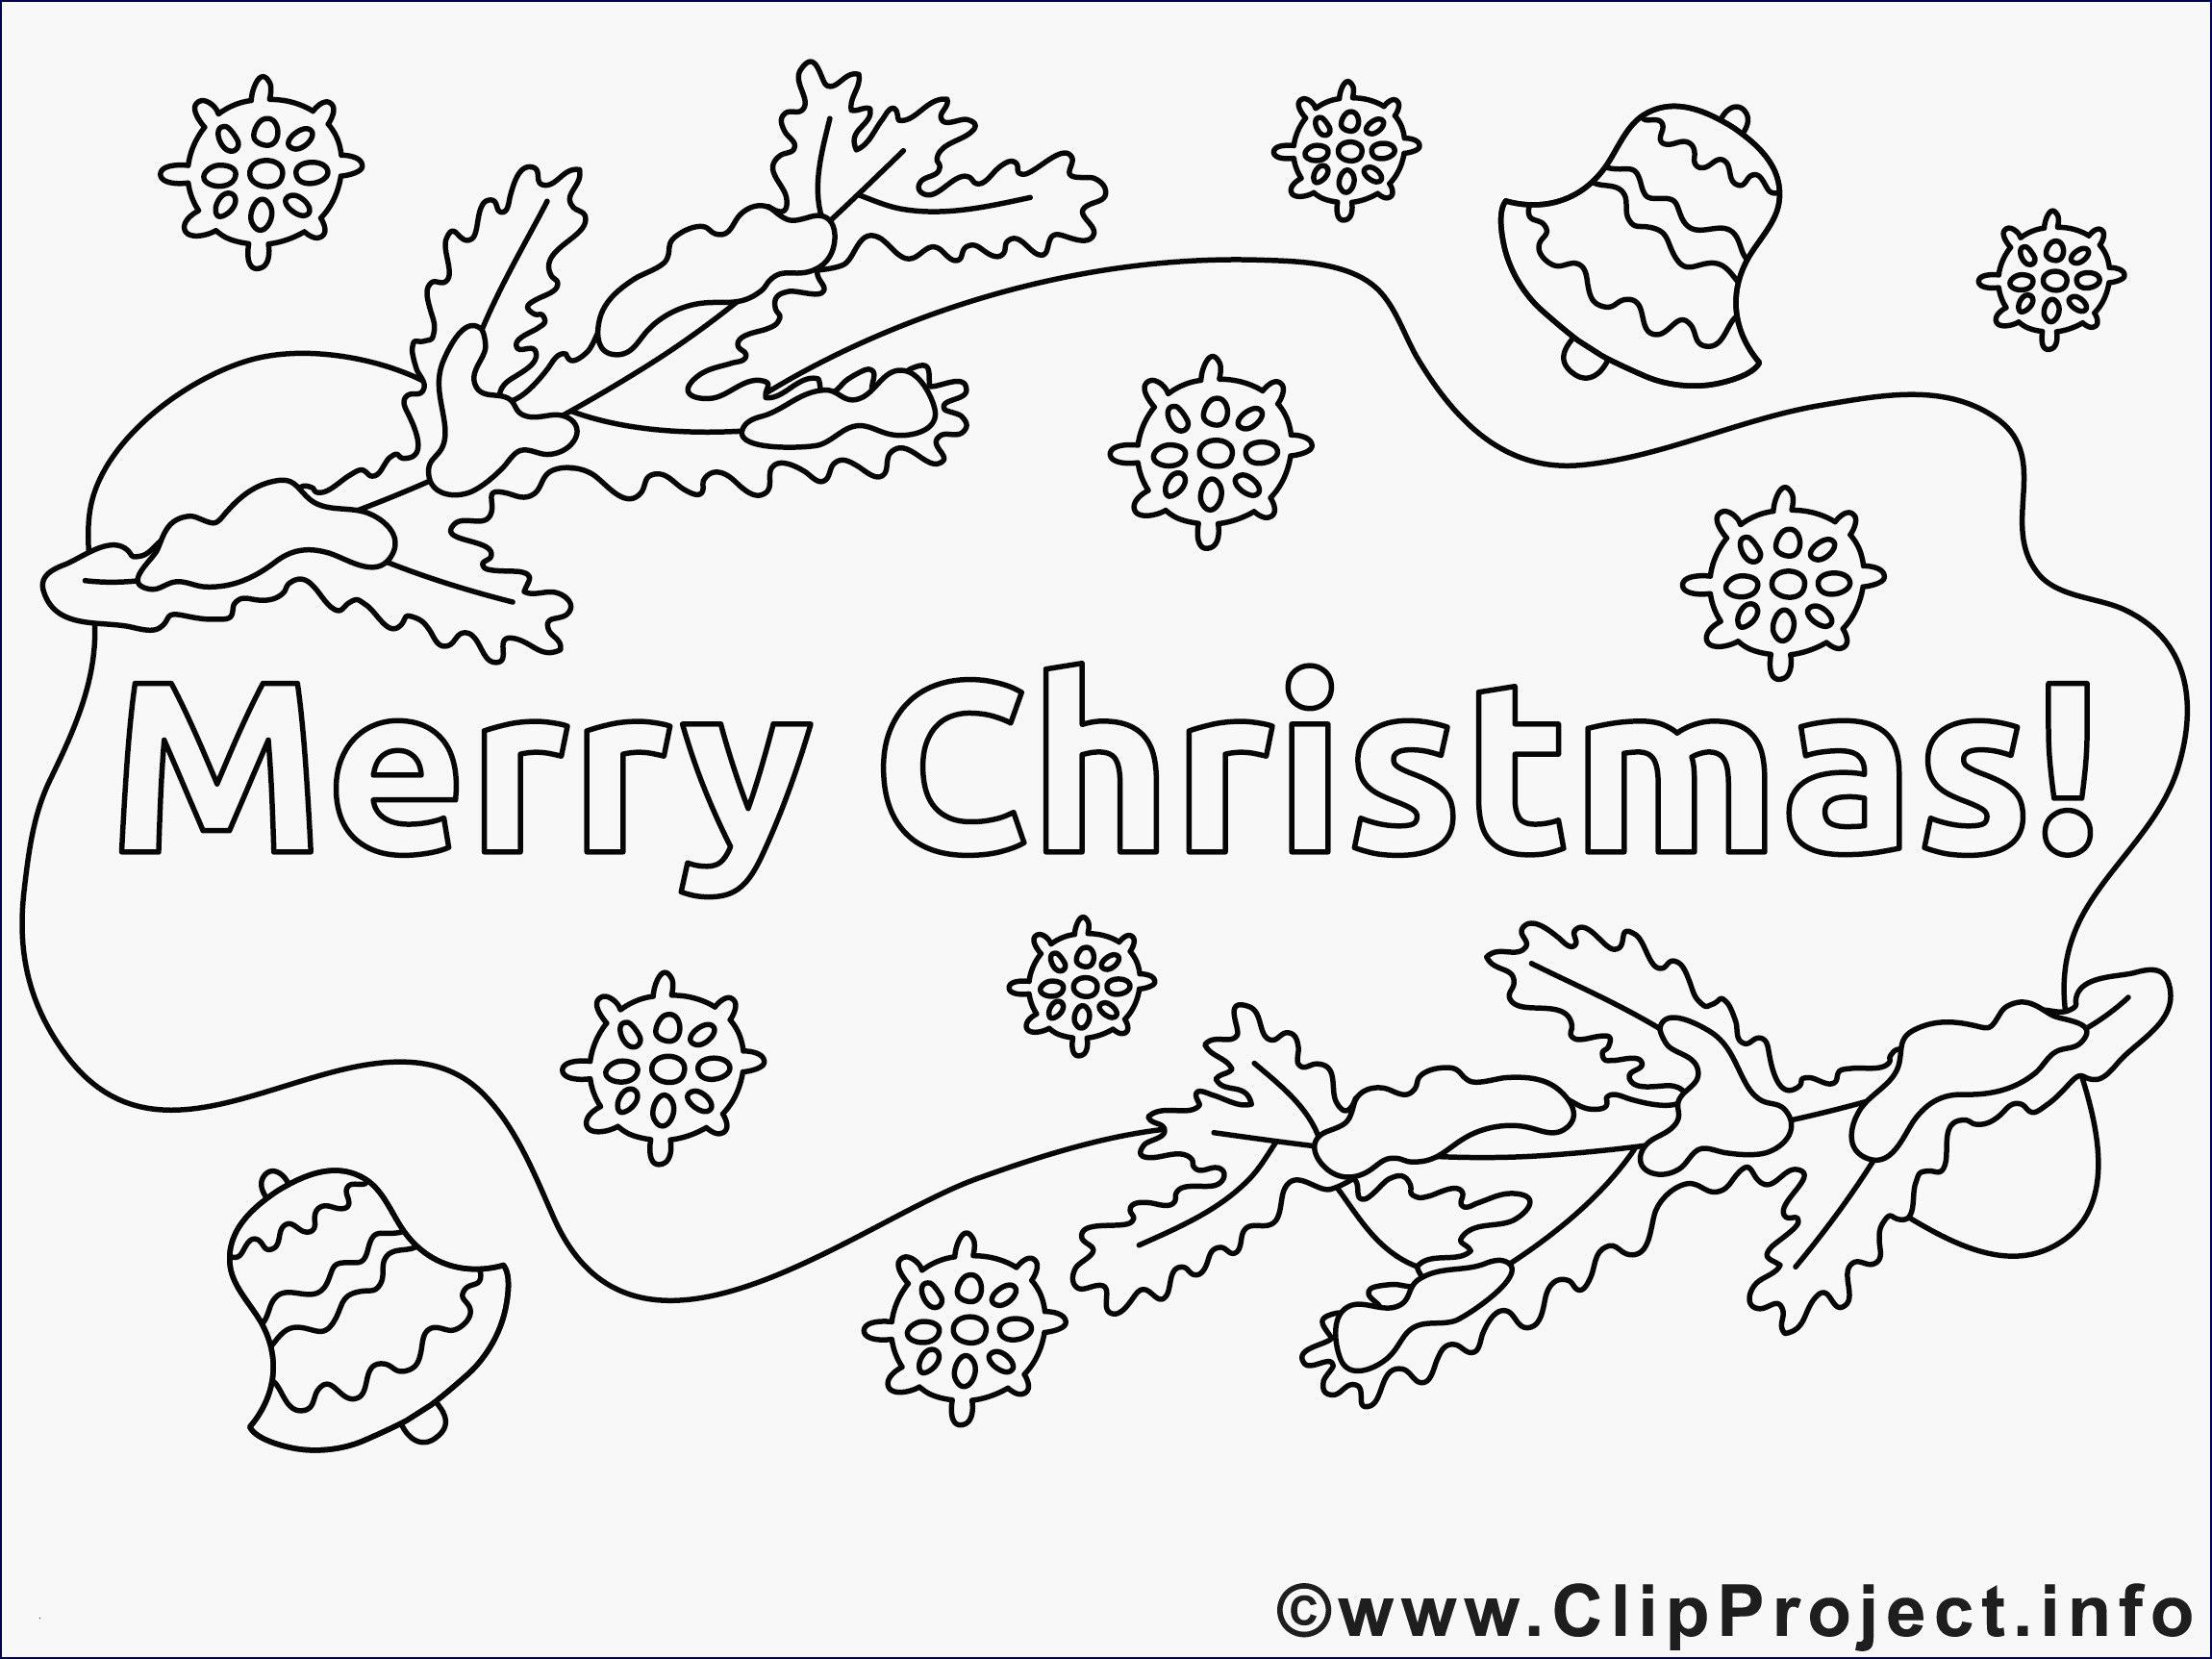 Weihnachts Ausmalbilder Rentier Genial Eihnachtsmotive Niedliches Nikolaus Rentier Schön Weihnachten Sammlung